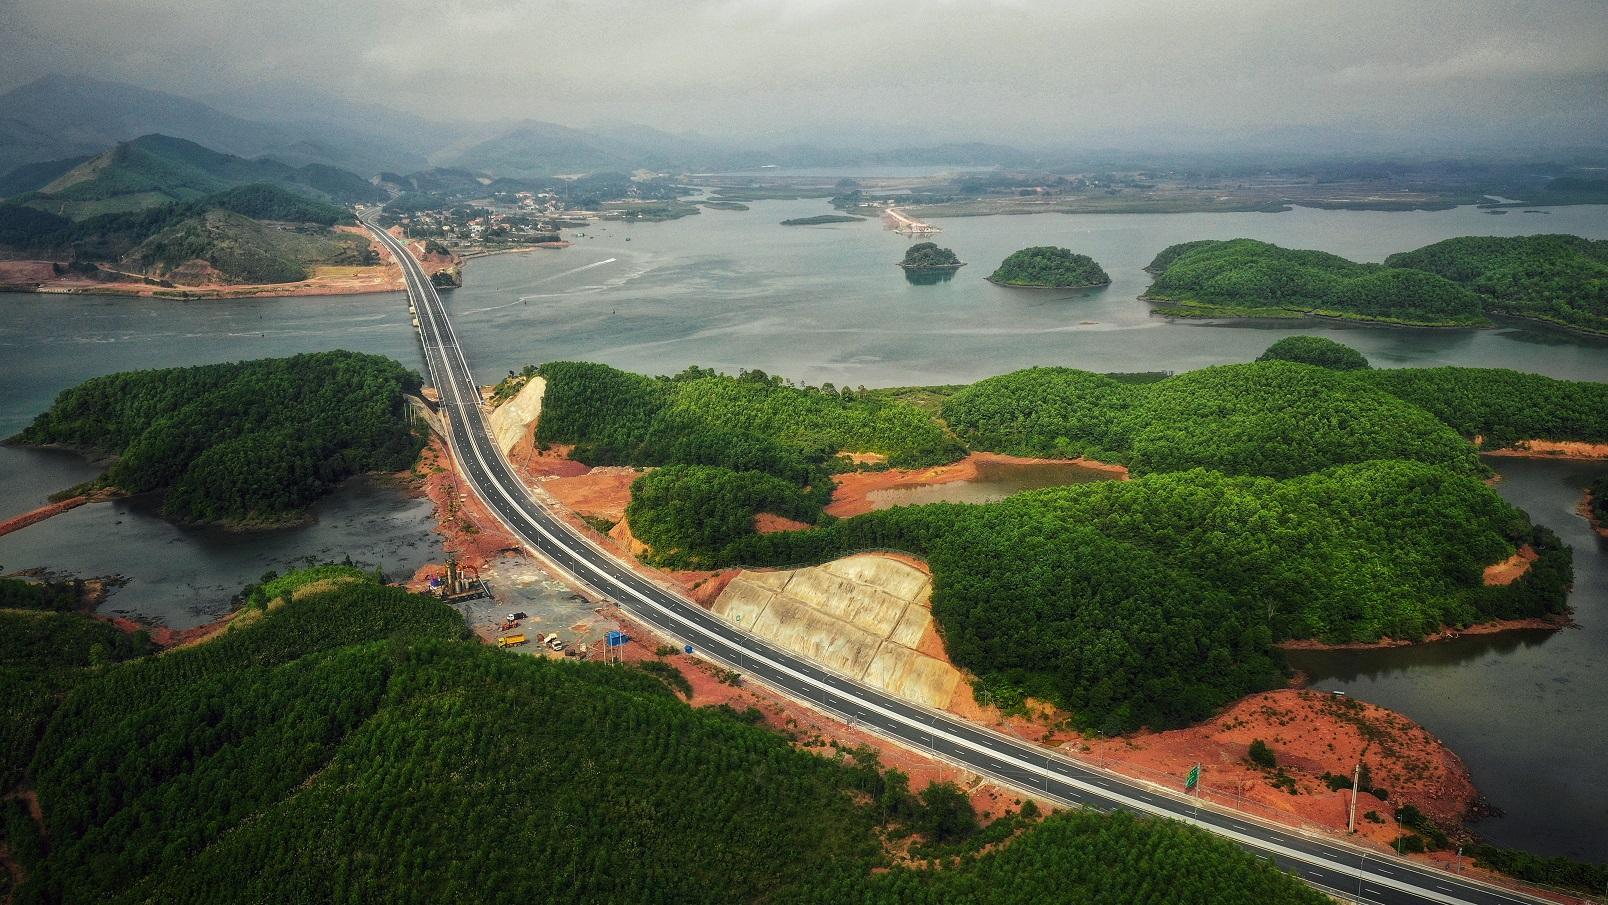 Du lịch miền Trung – Tây Nguyên: Áp lực lớn vì thiếu sân bay, cảng biển - Ảnh 1